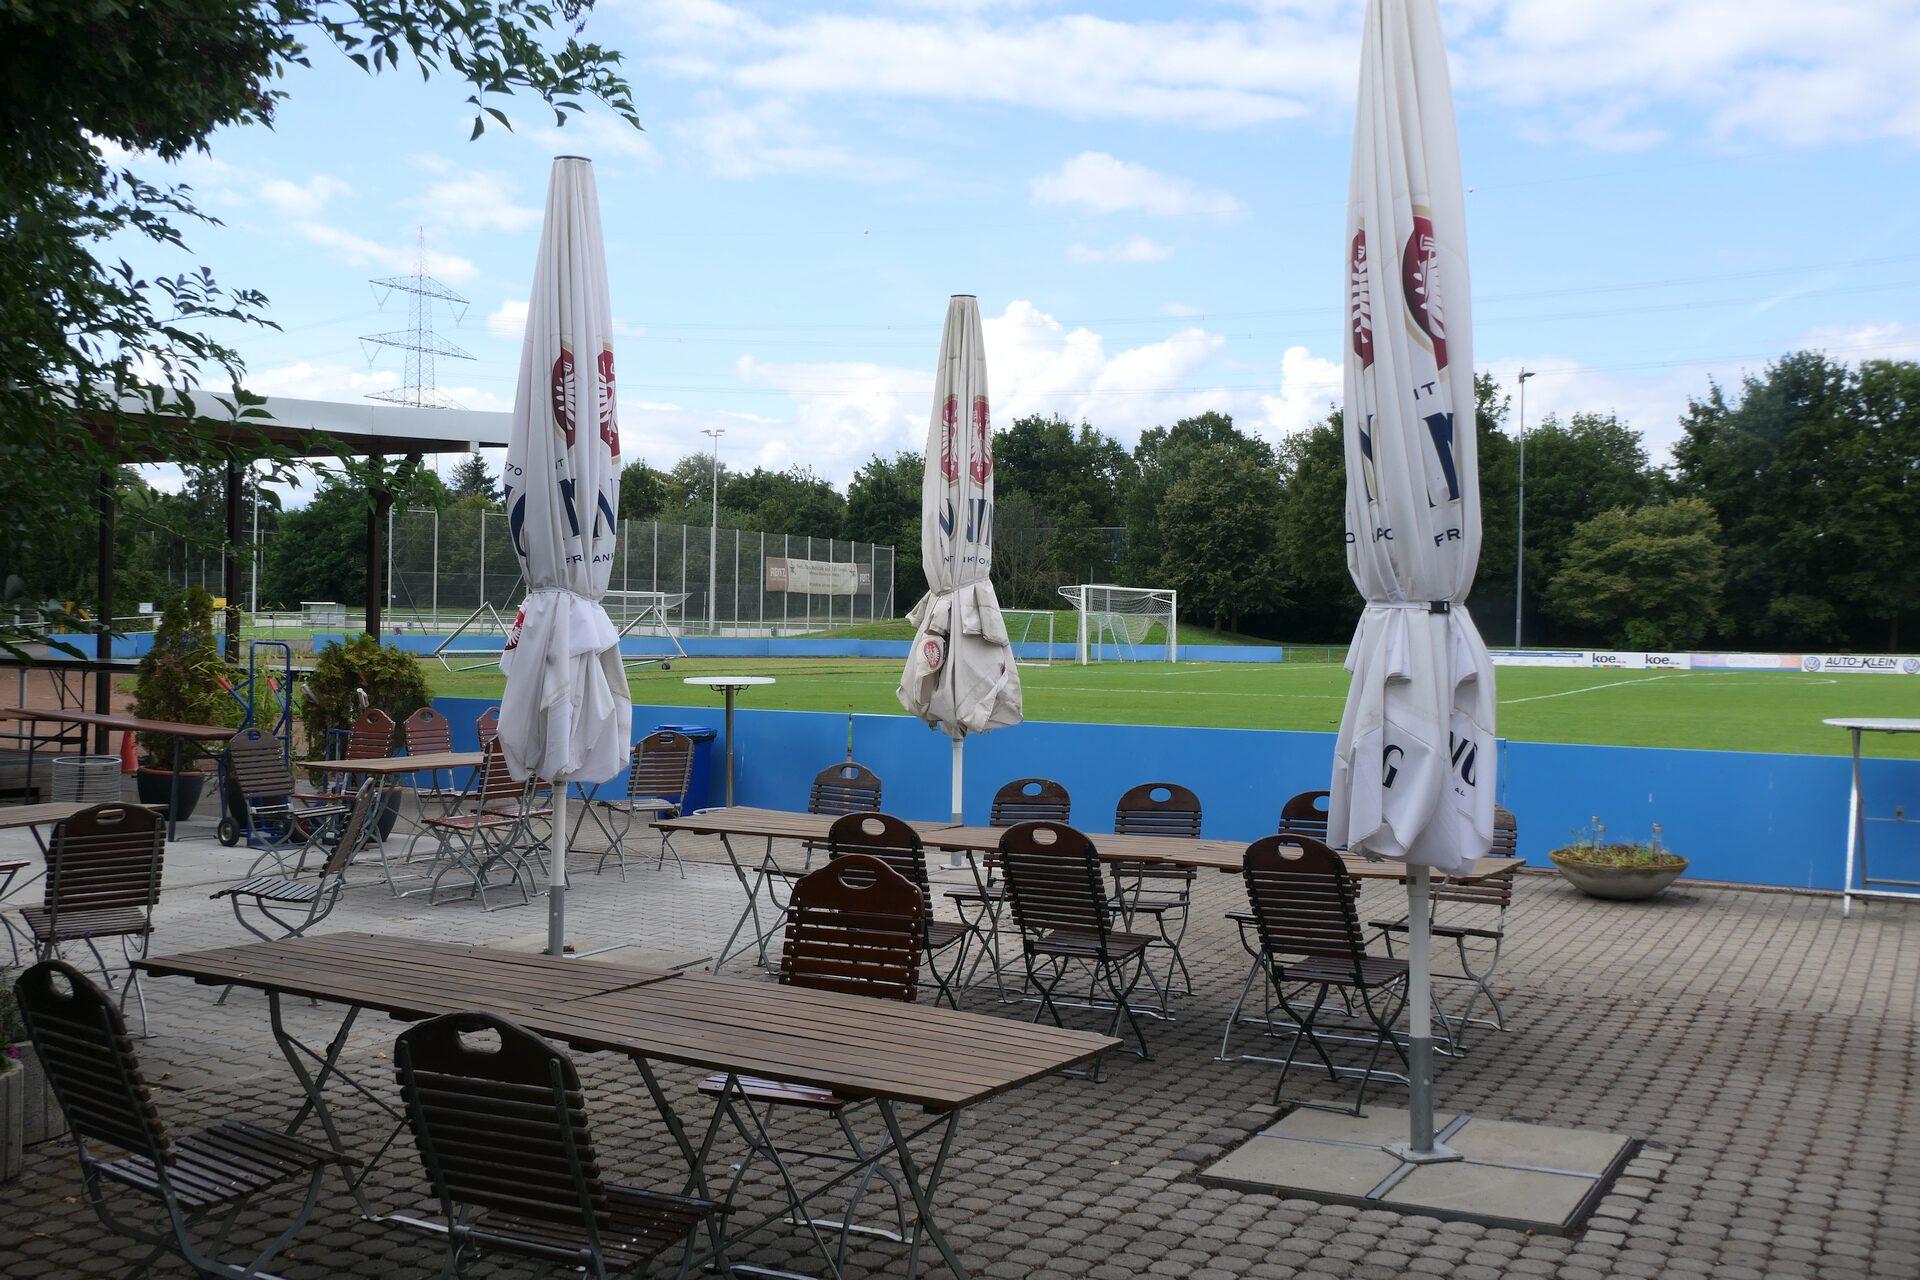 Sportanlage Hans-Böckler-Straße - VfB Unterliederbach